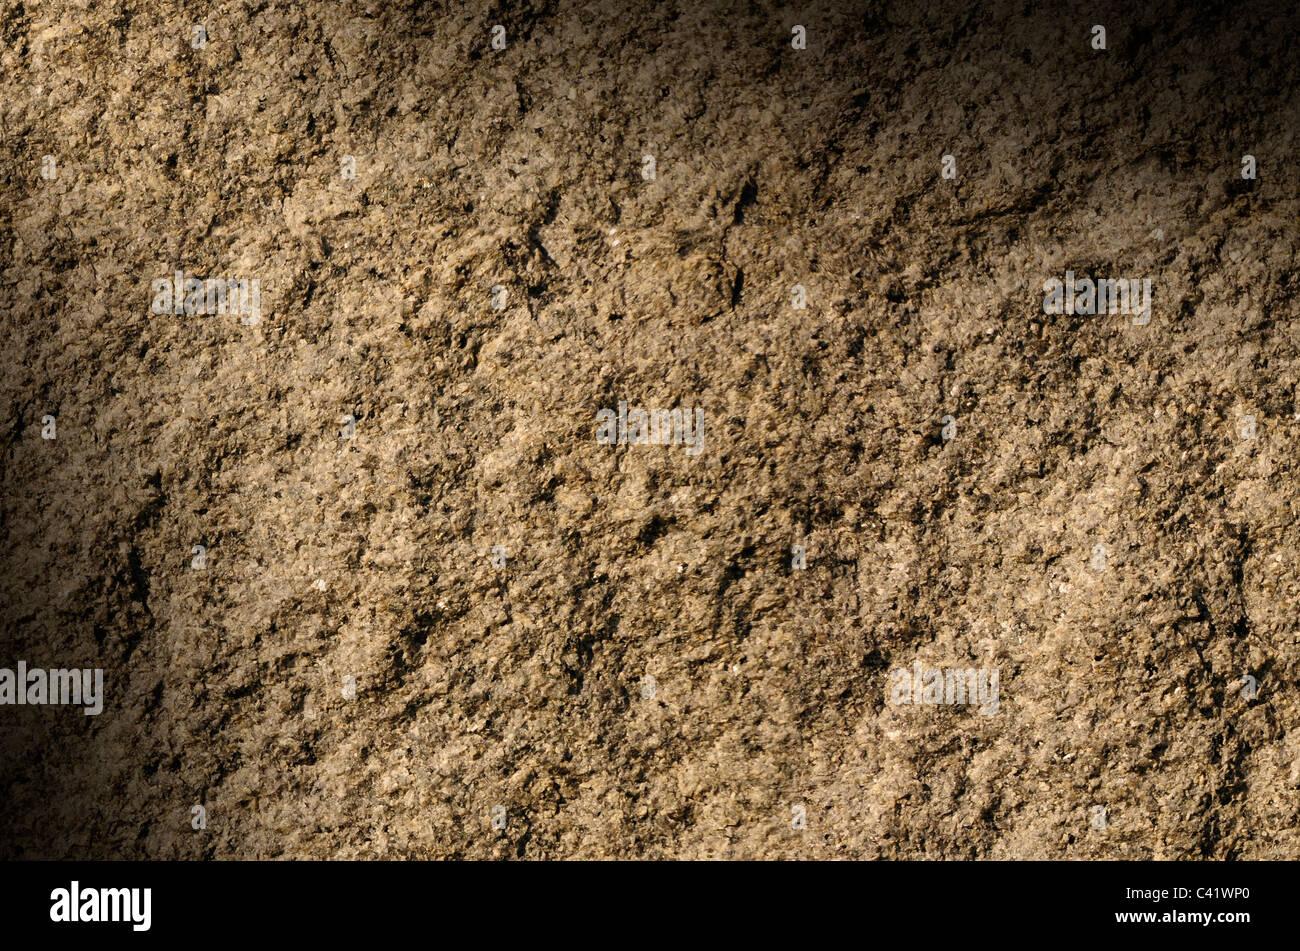 La texture de la surface texturée gray rock allumé en diagonale Photo Stock